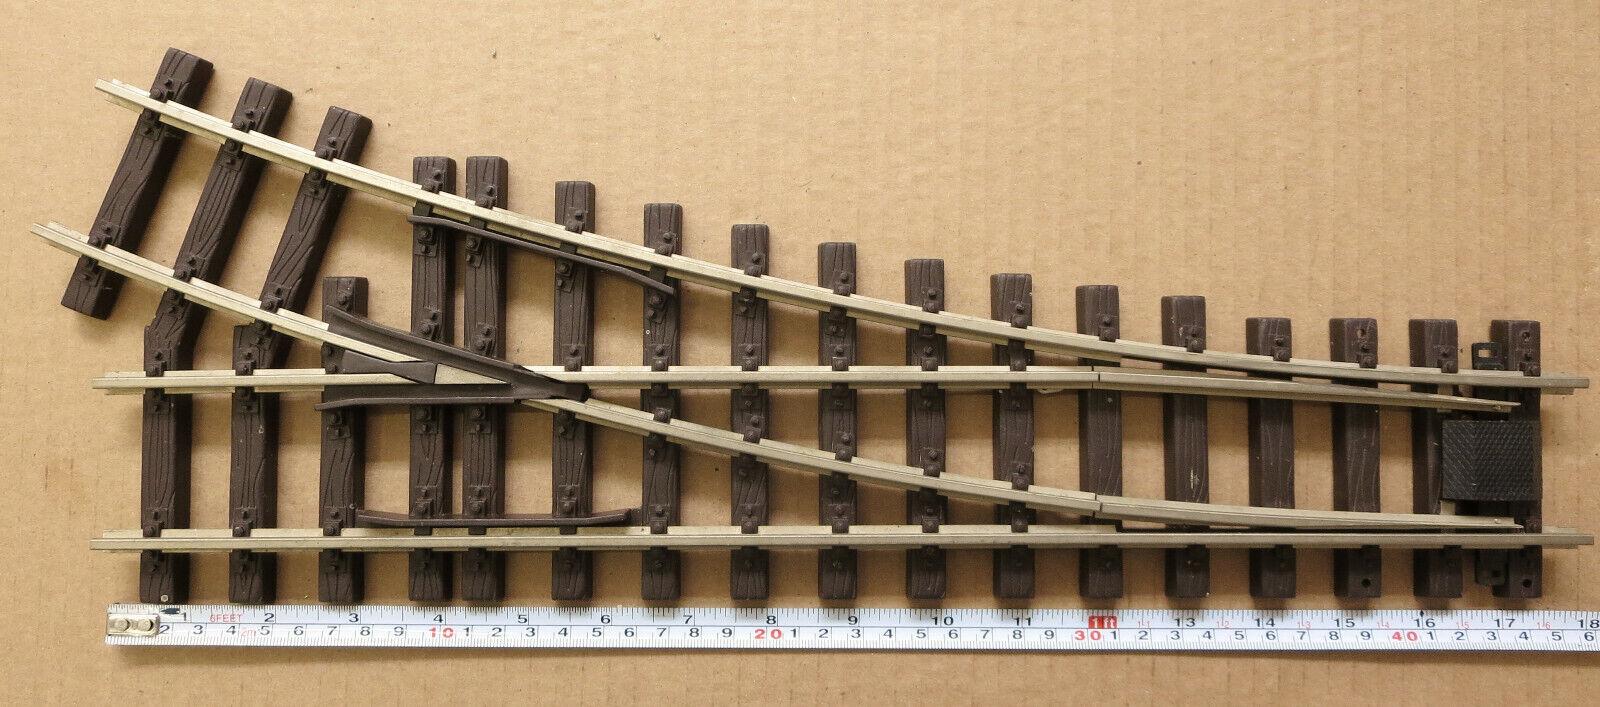 Tren-Line 45 R-3-1200 Código de interruptor derecho de Acero Inoxidable 332 G-calibre